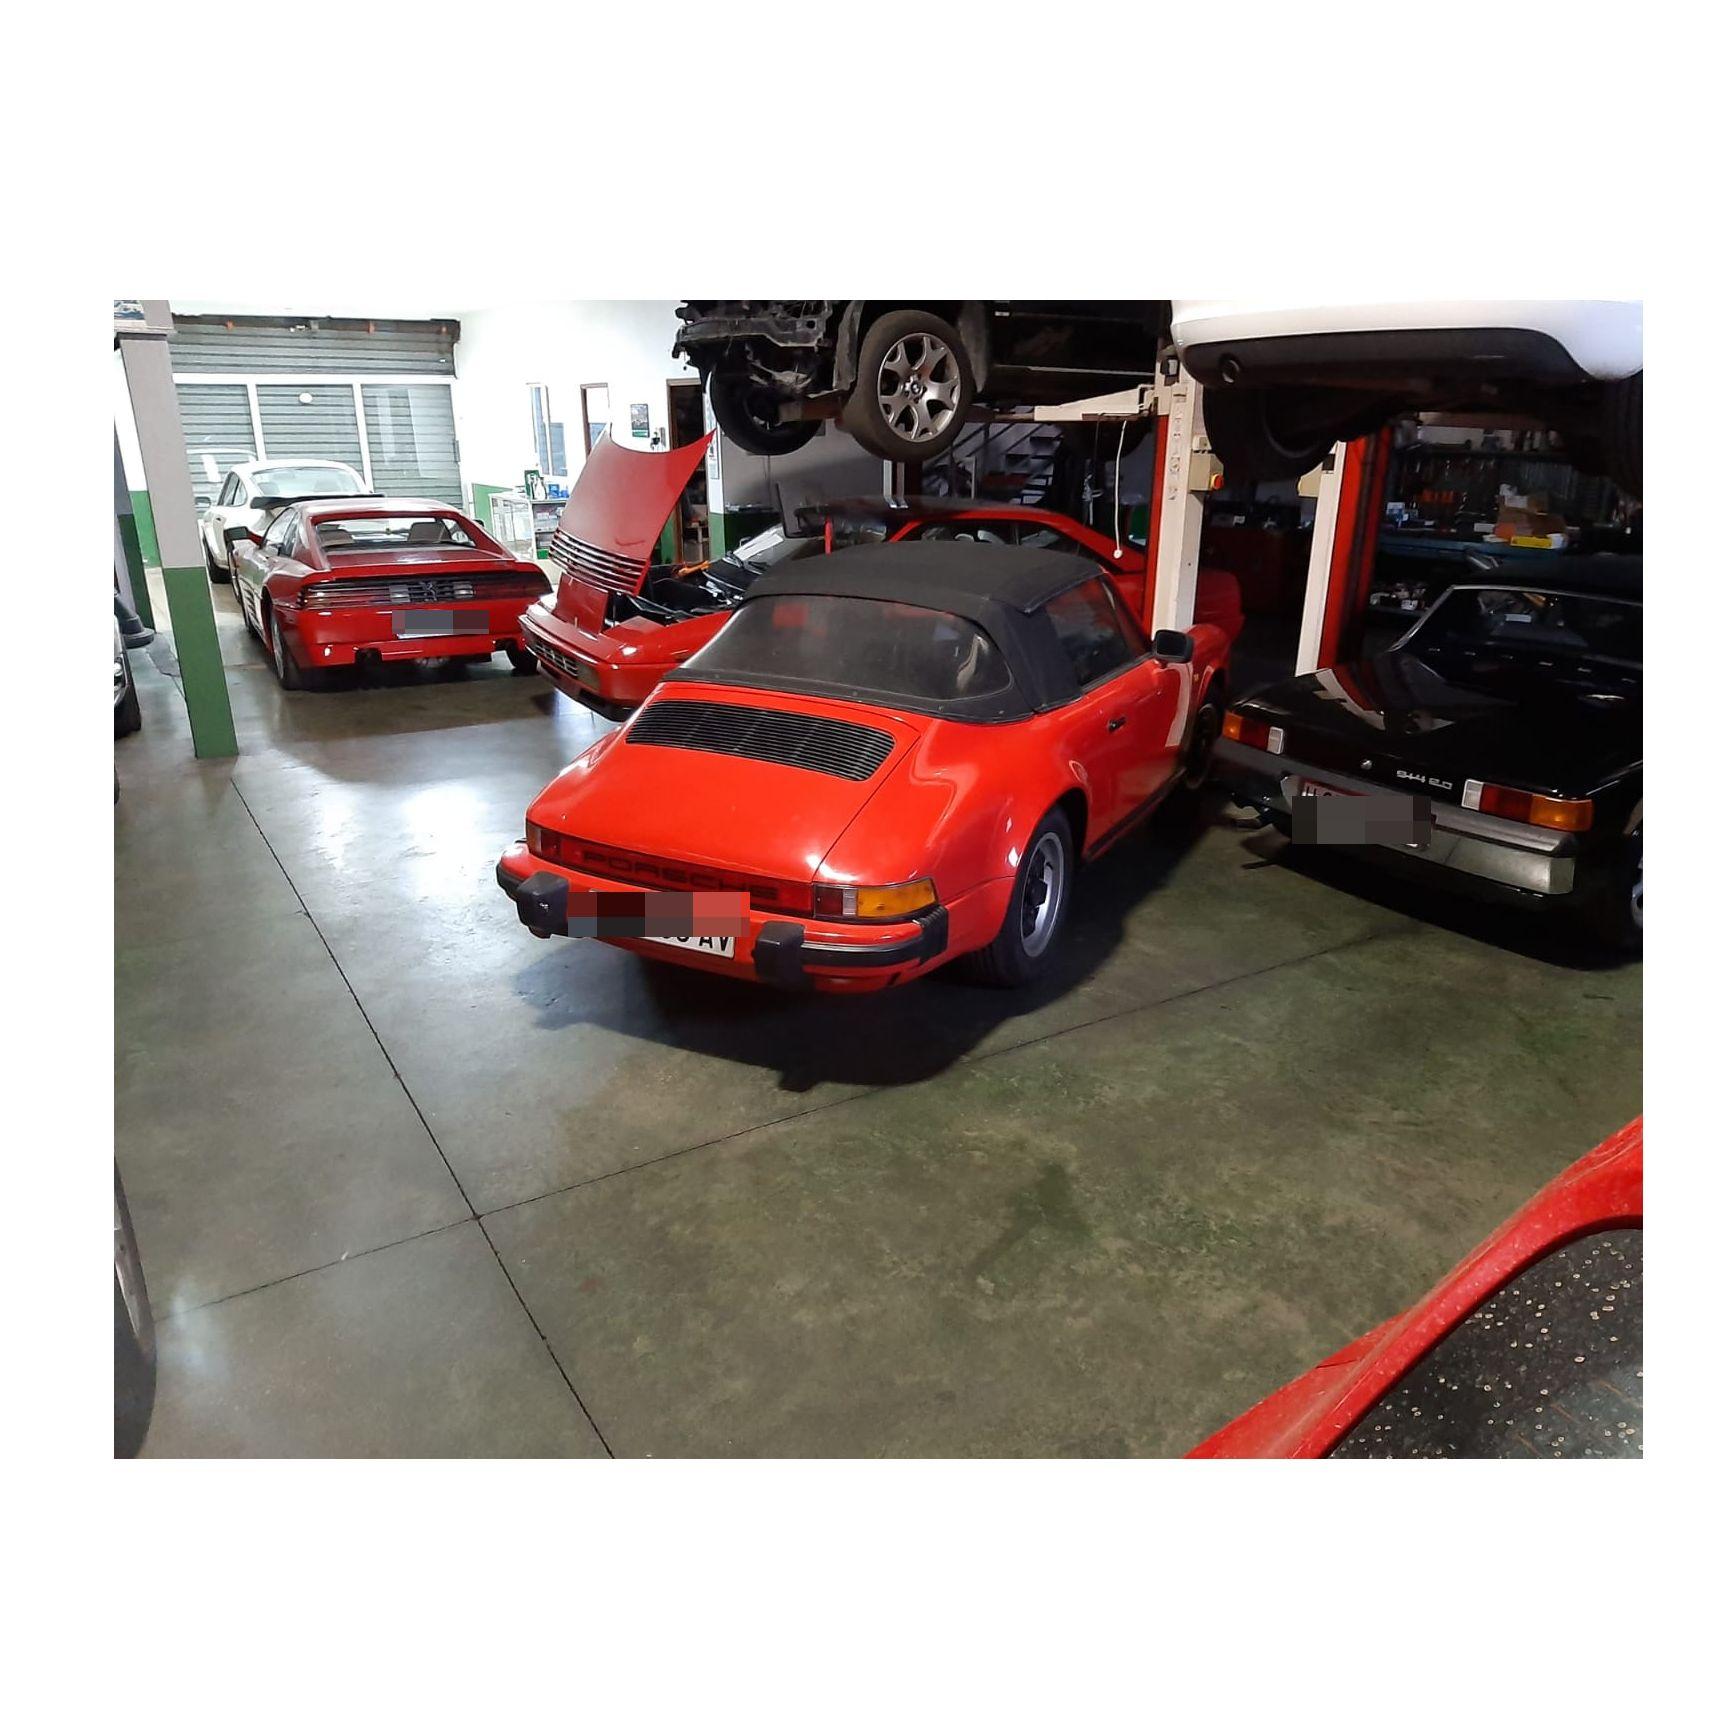 Restauración de coches clásicos: Servicios de Talleres Pabel